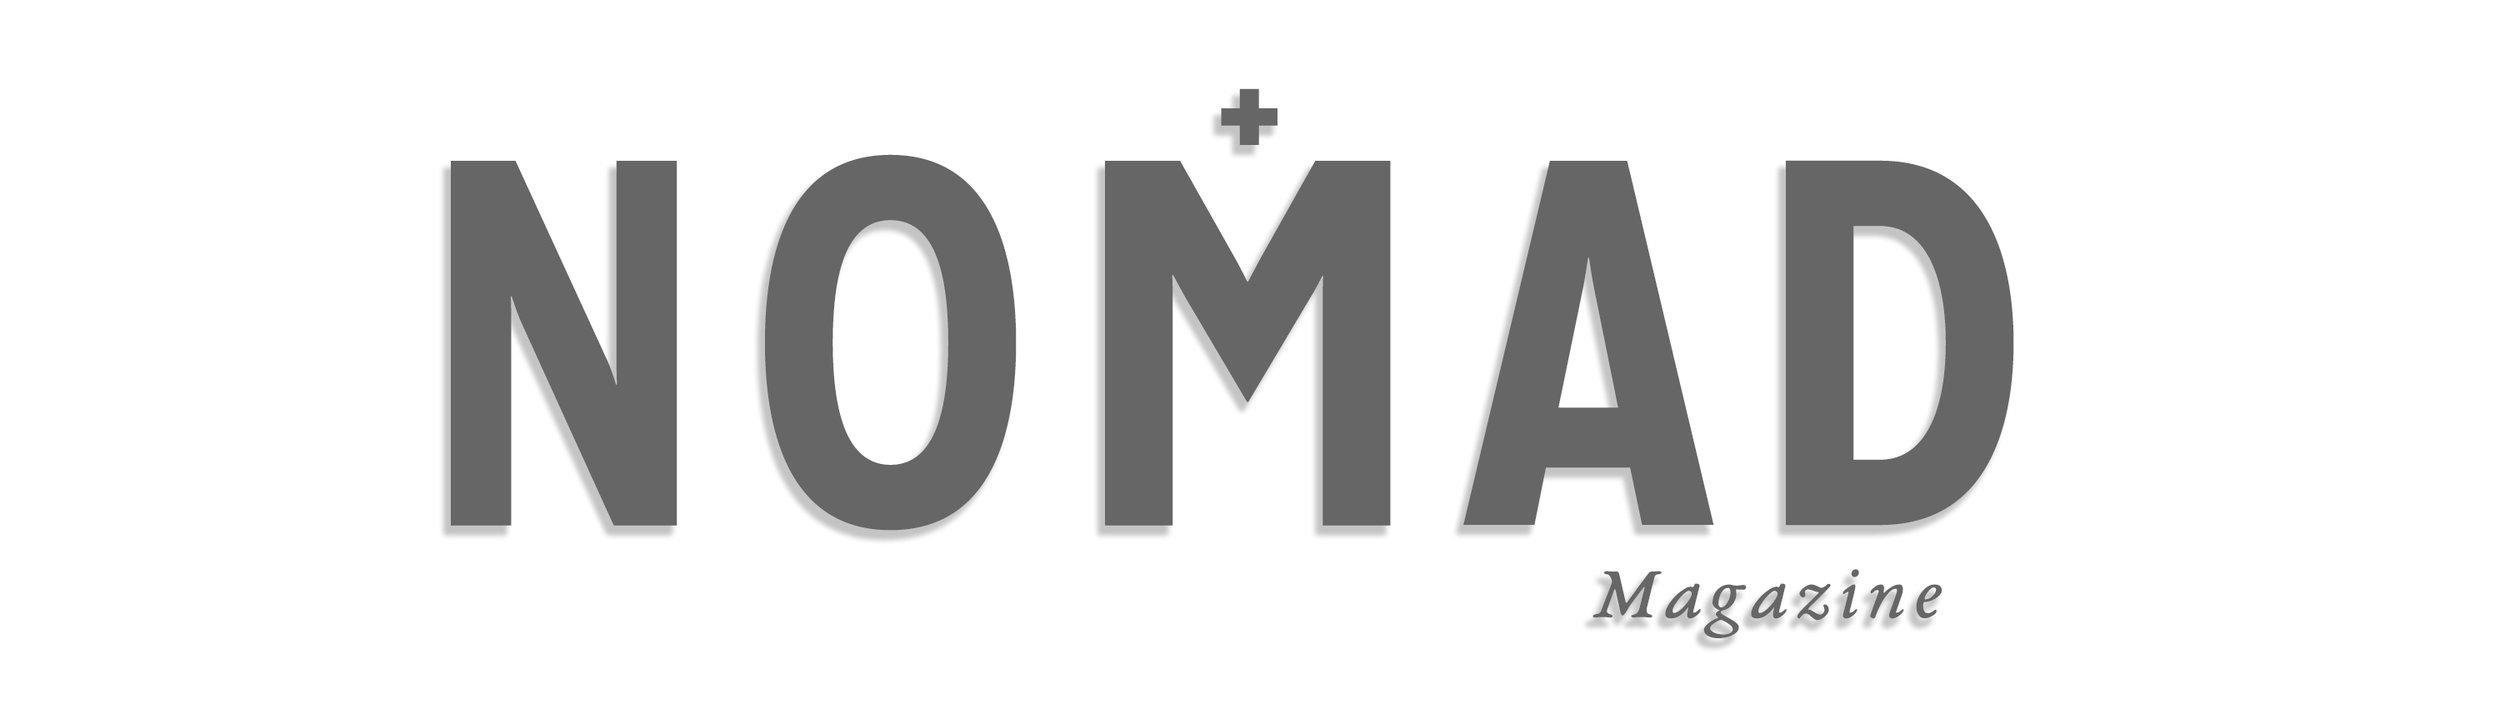 NOMAD-Mag-Logo.jpg